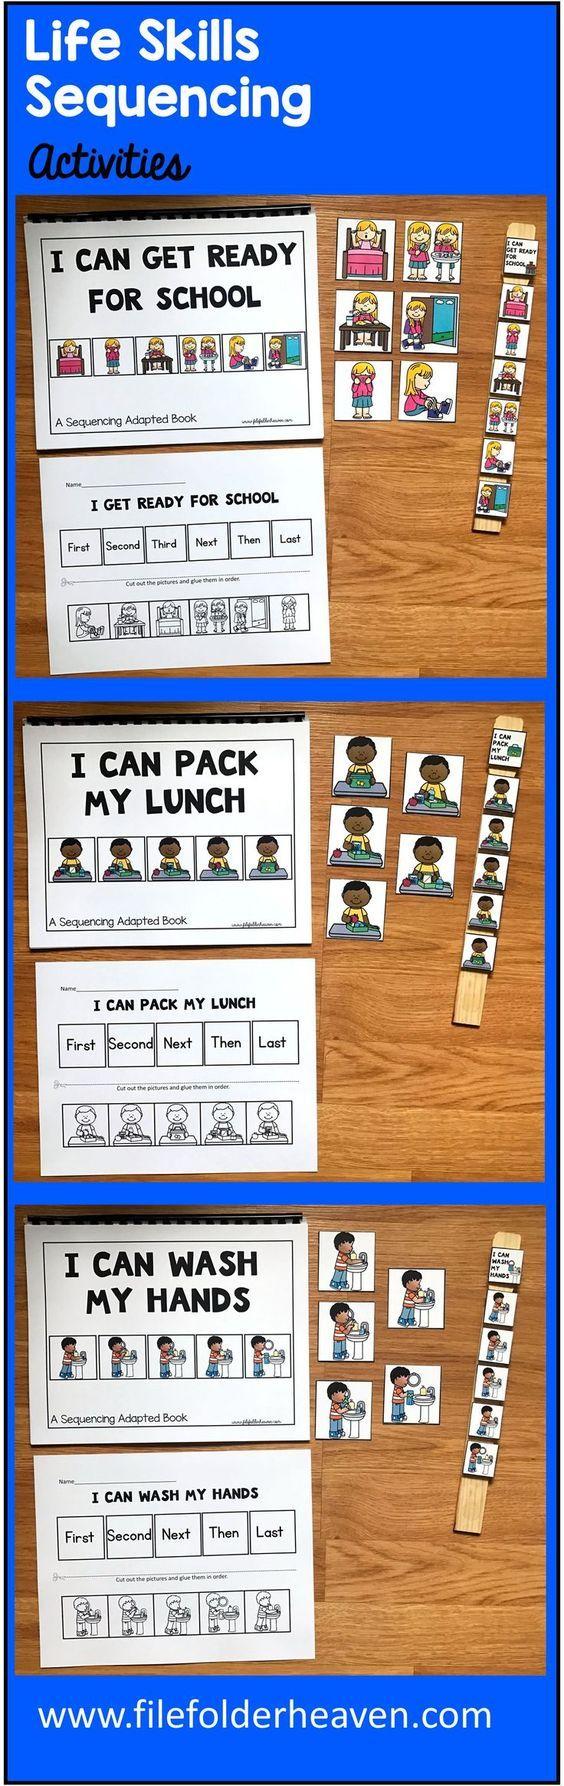 Workbooks life skills for teens worksheets : 229 best Life Skills images on Pinterest   Classroom ideas, Asd ...